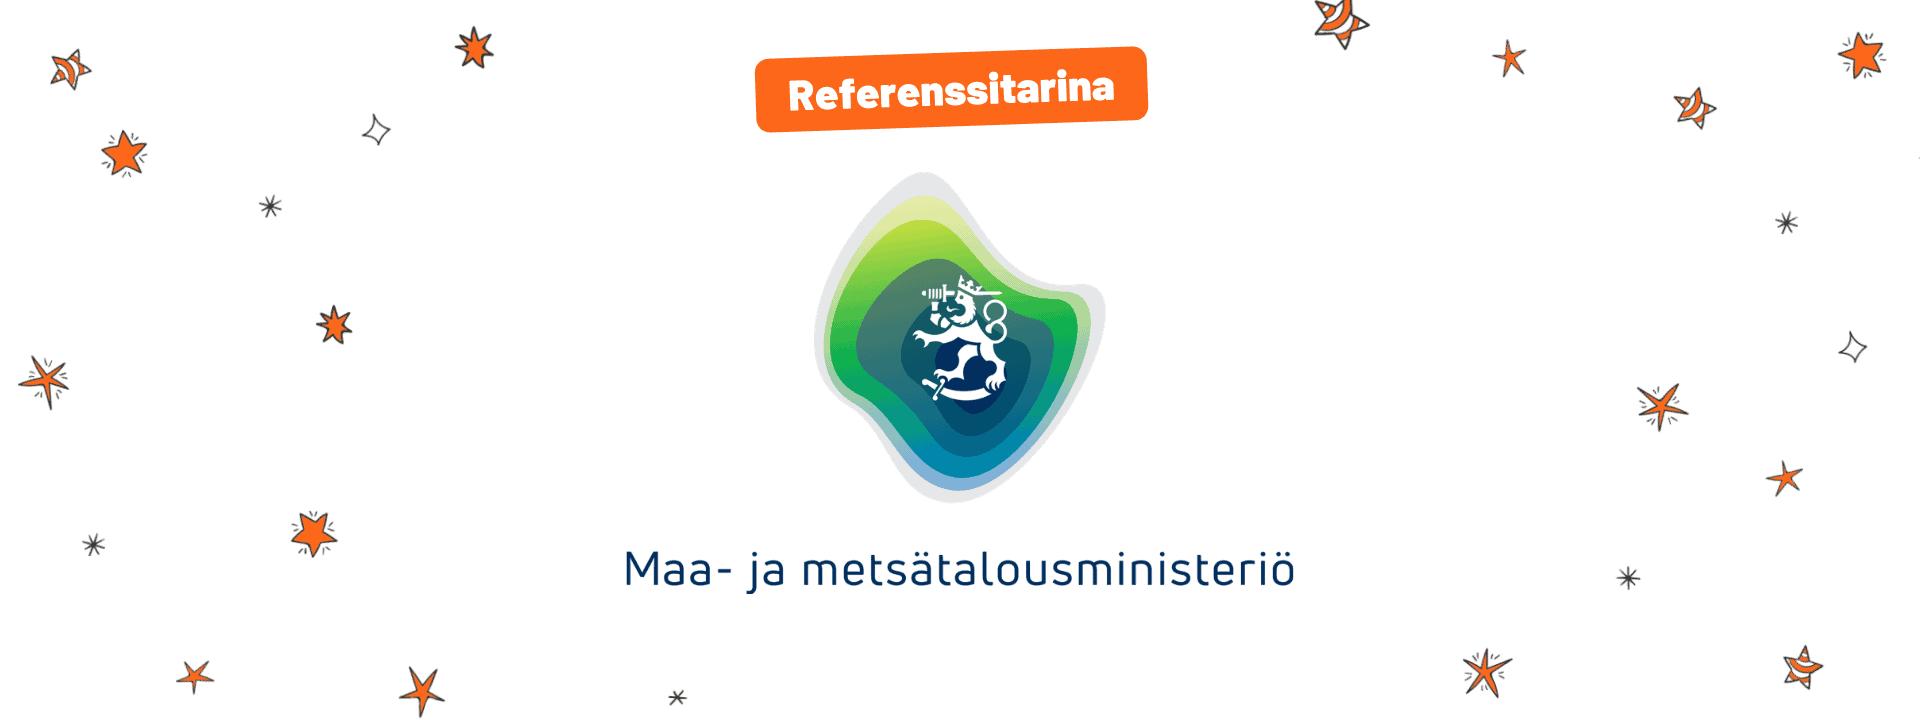 Sportspot referenssitarina - Maa- ja metsätalousministeriö